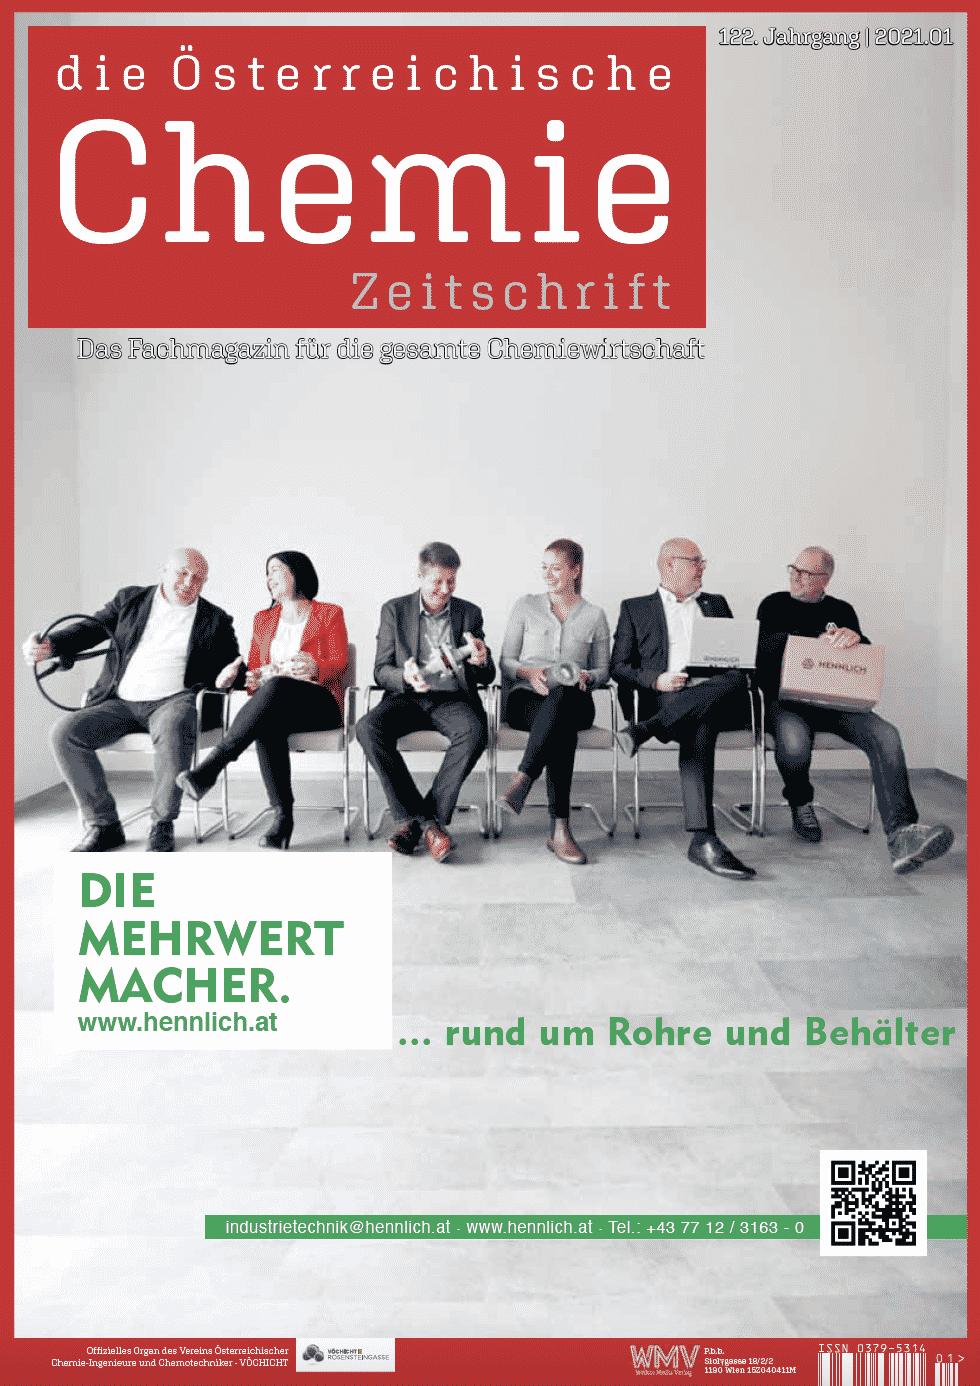 Österreichische Chemie Zeitschrift, Ausgabe 01, 2021